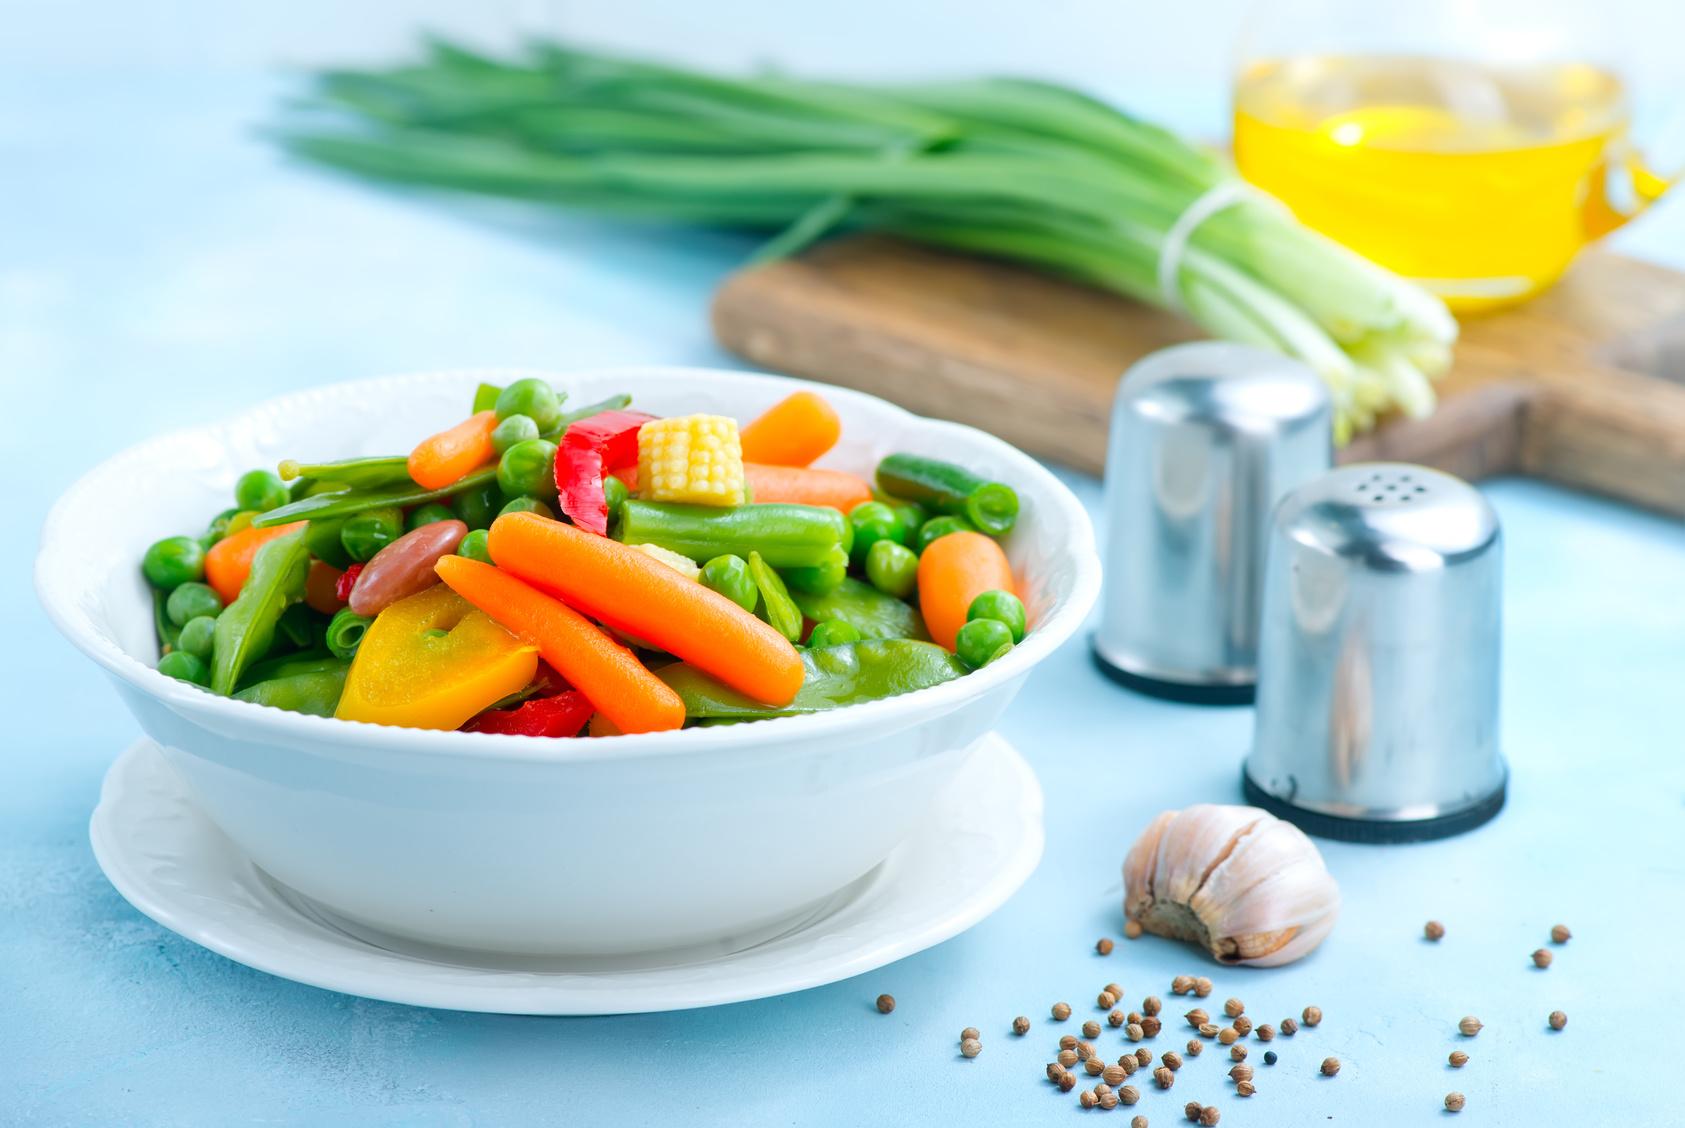 Cucinare le verdure evitando che scoloriscano come fare for Cucinare le taccole